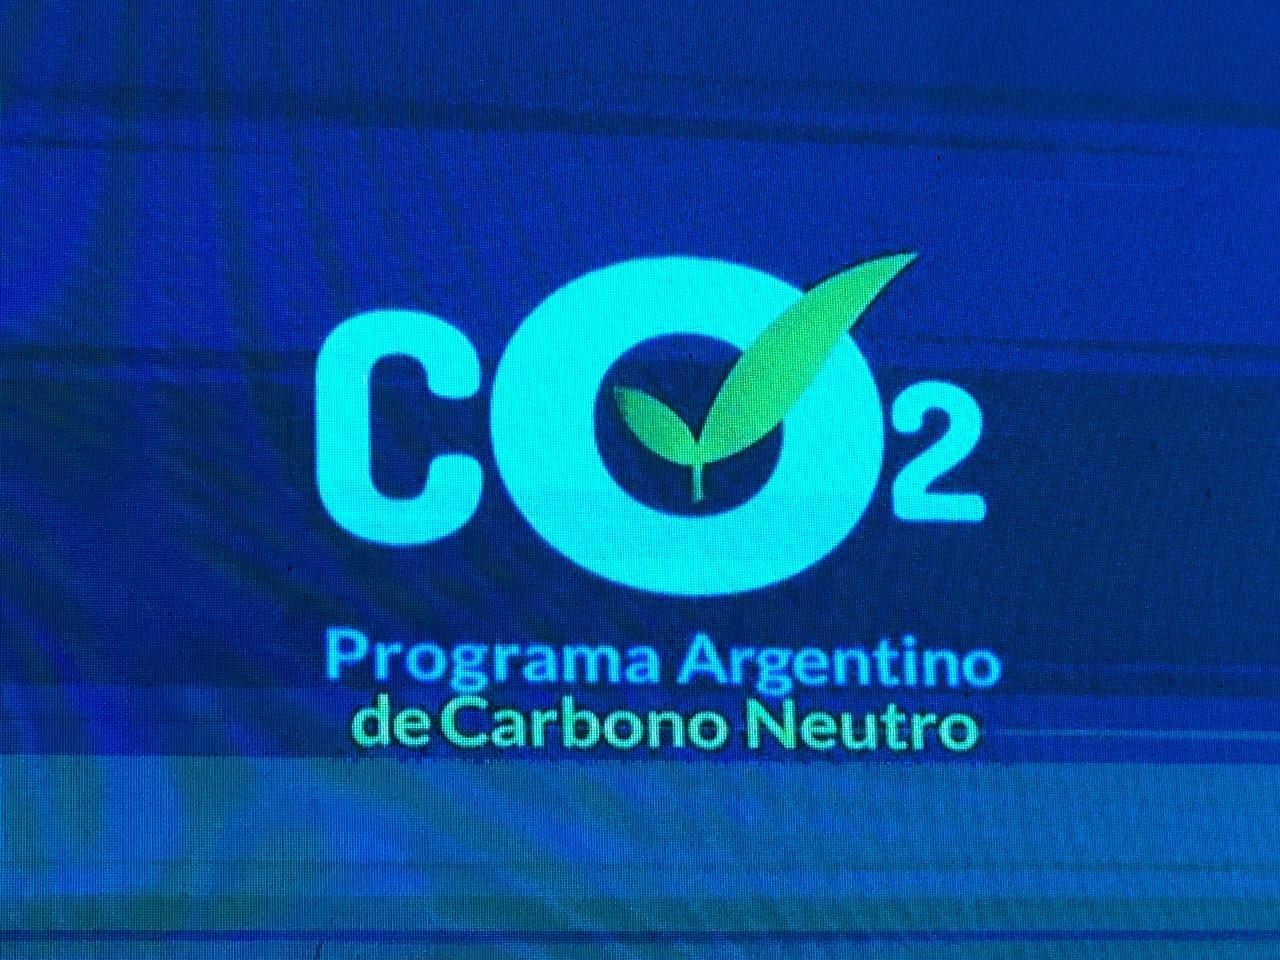 Carbono neutro: bolsas avanzan con programa para reducir emisiones